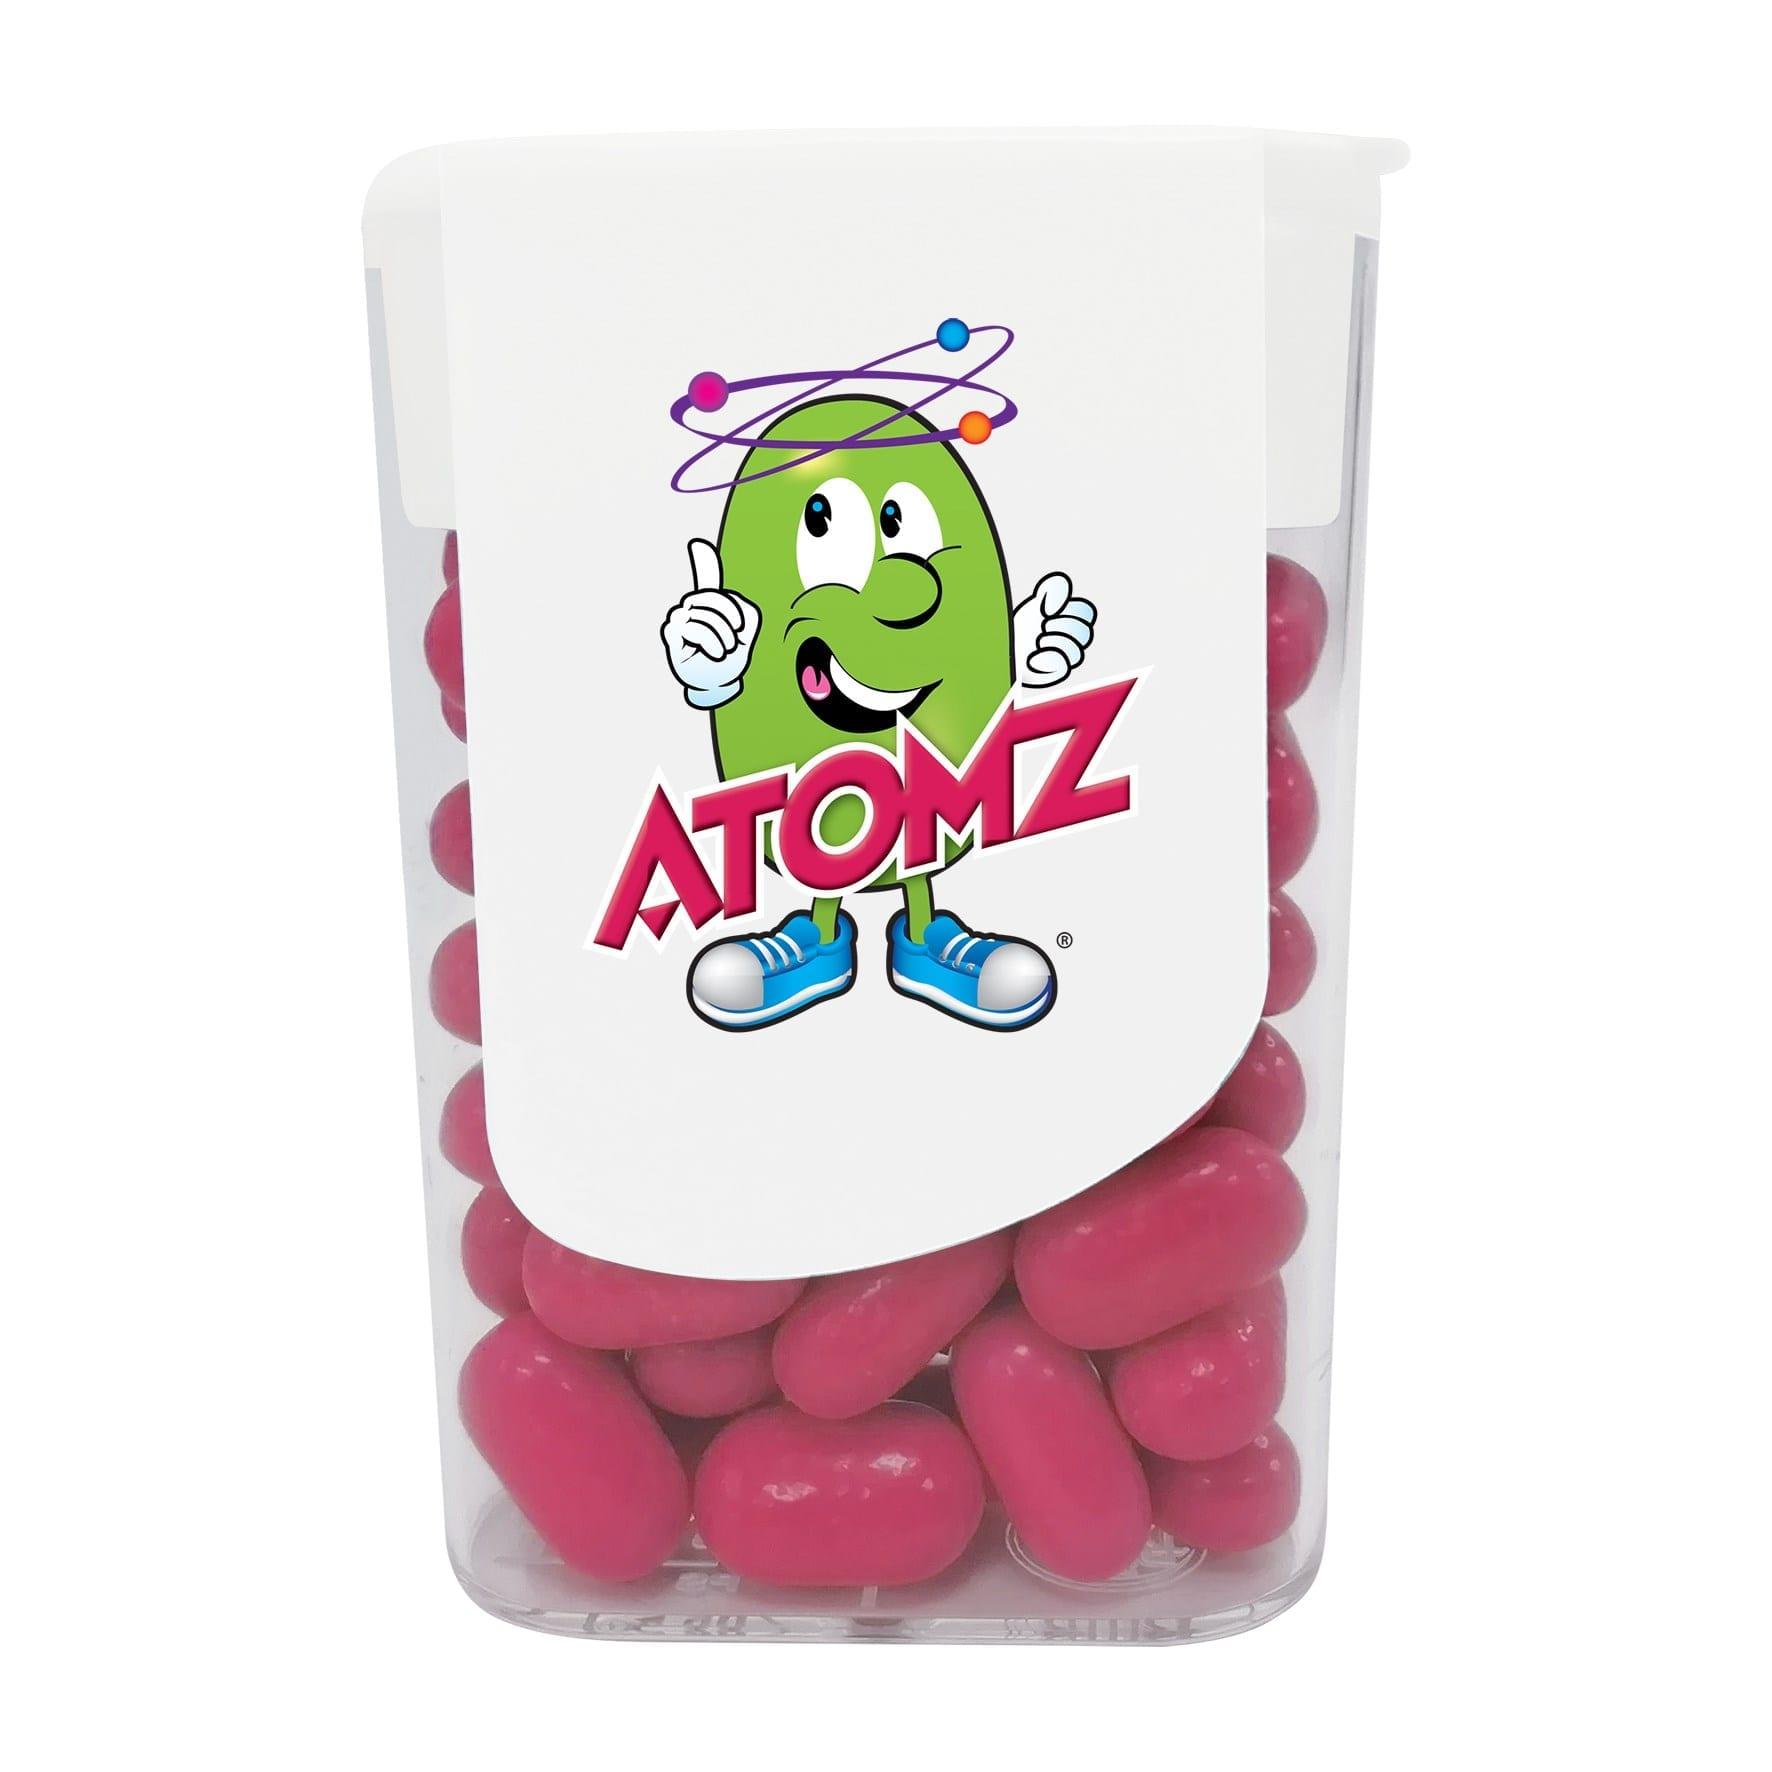 Tasty flavoured ATOMZ